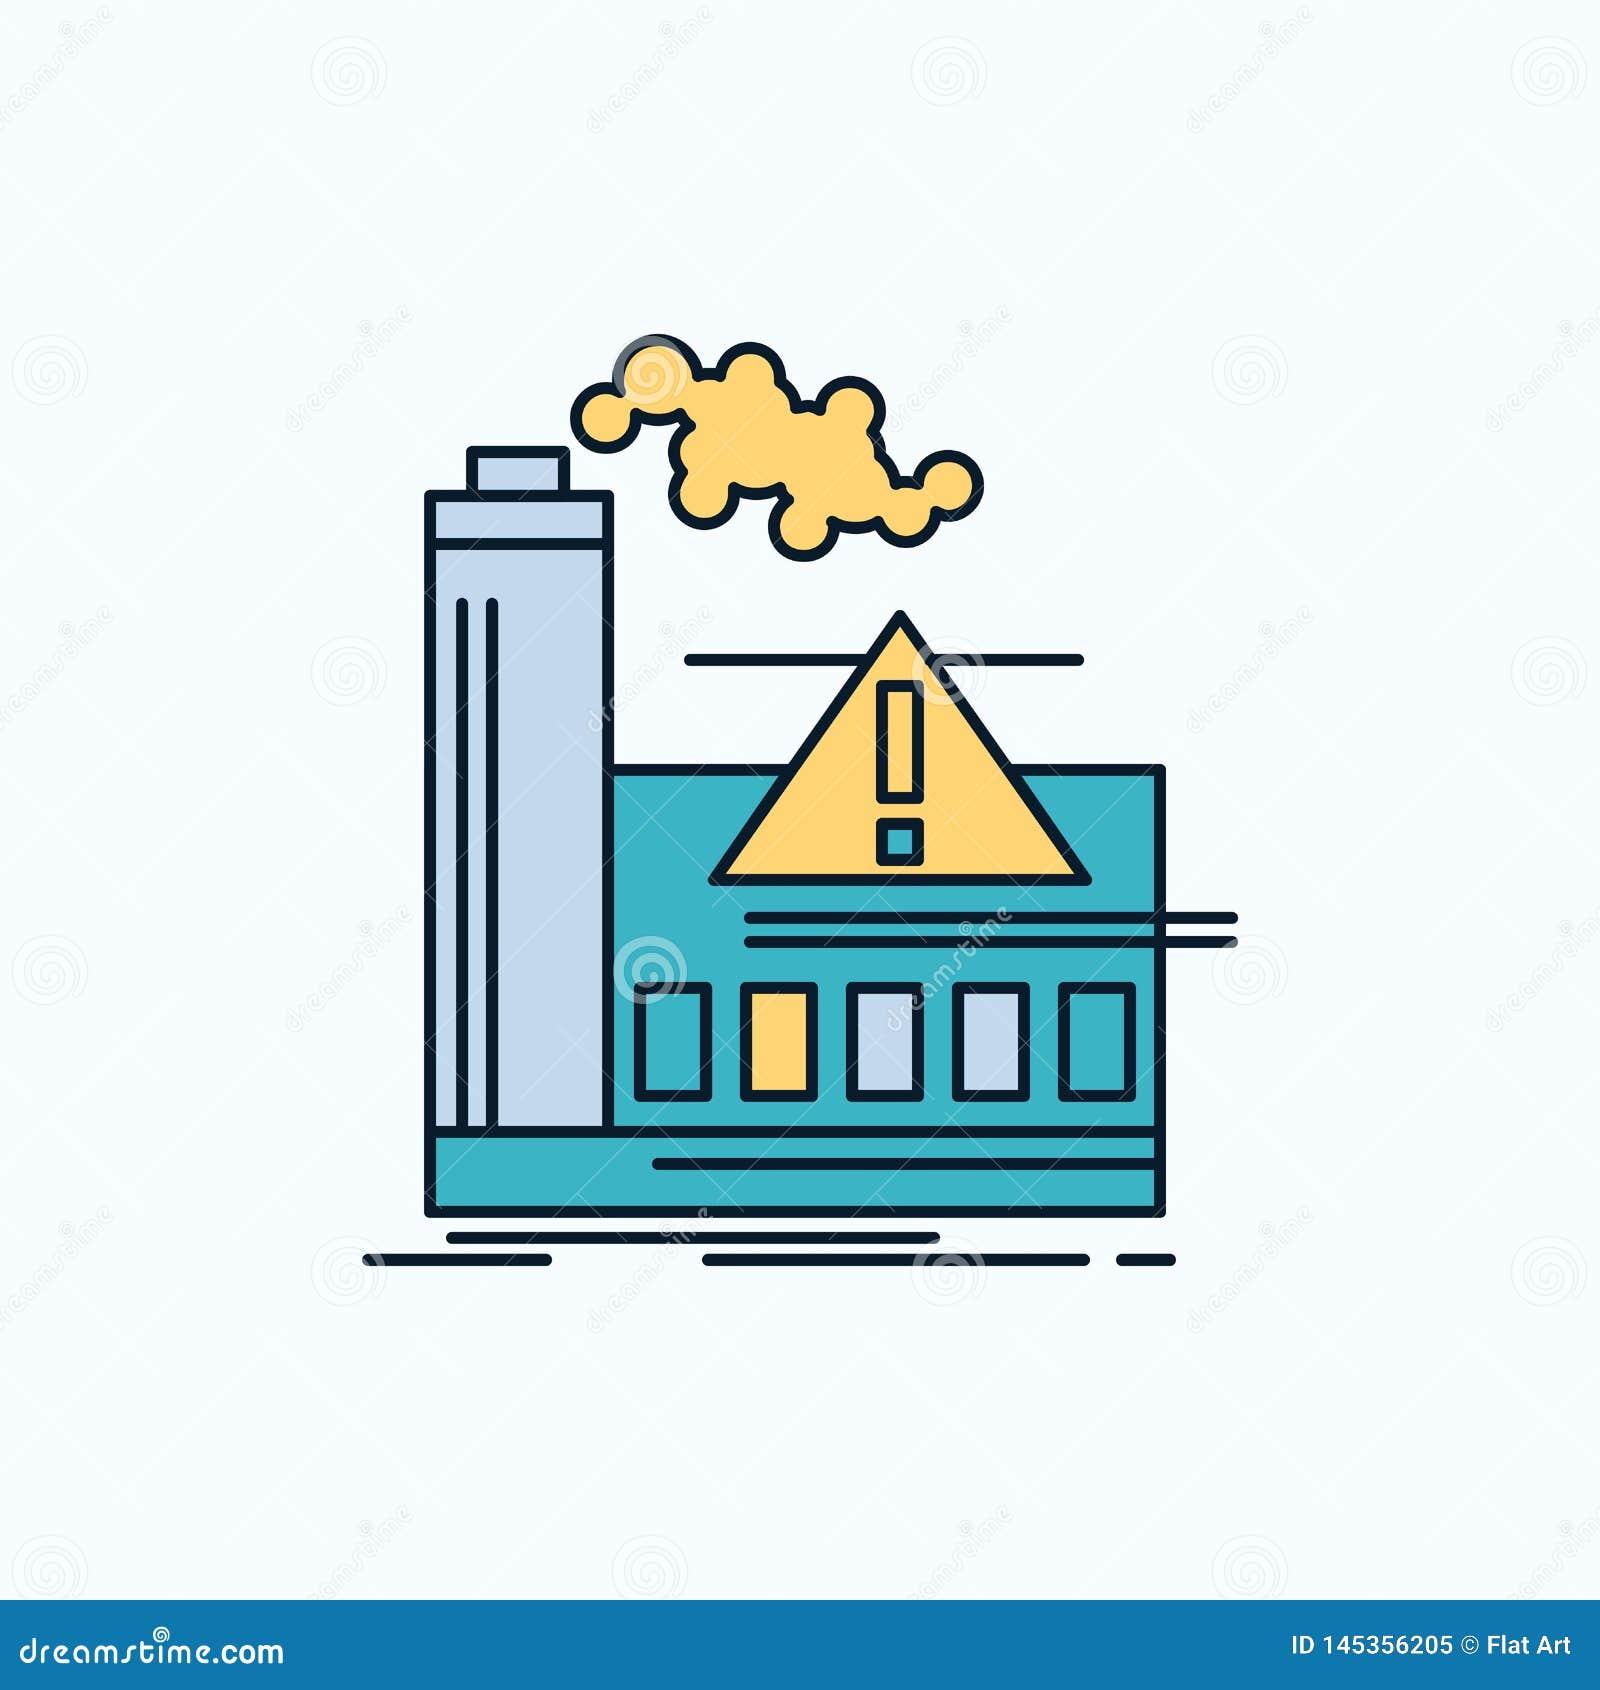 ρύπανση, εργοστάσιο, αέρας, επιφυλακή, επίπεδο εικονίδιο βιομηχανίας r r